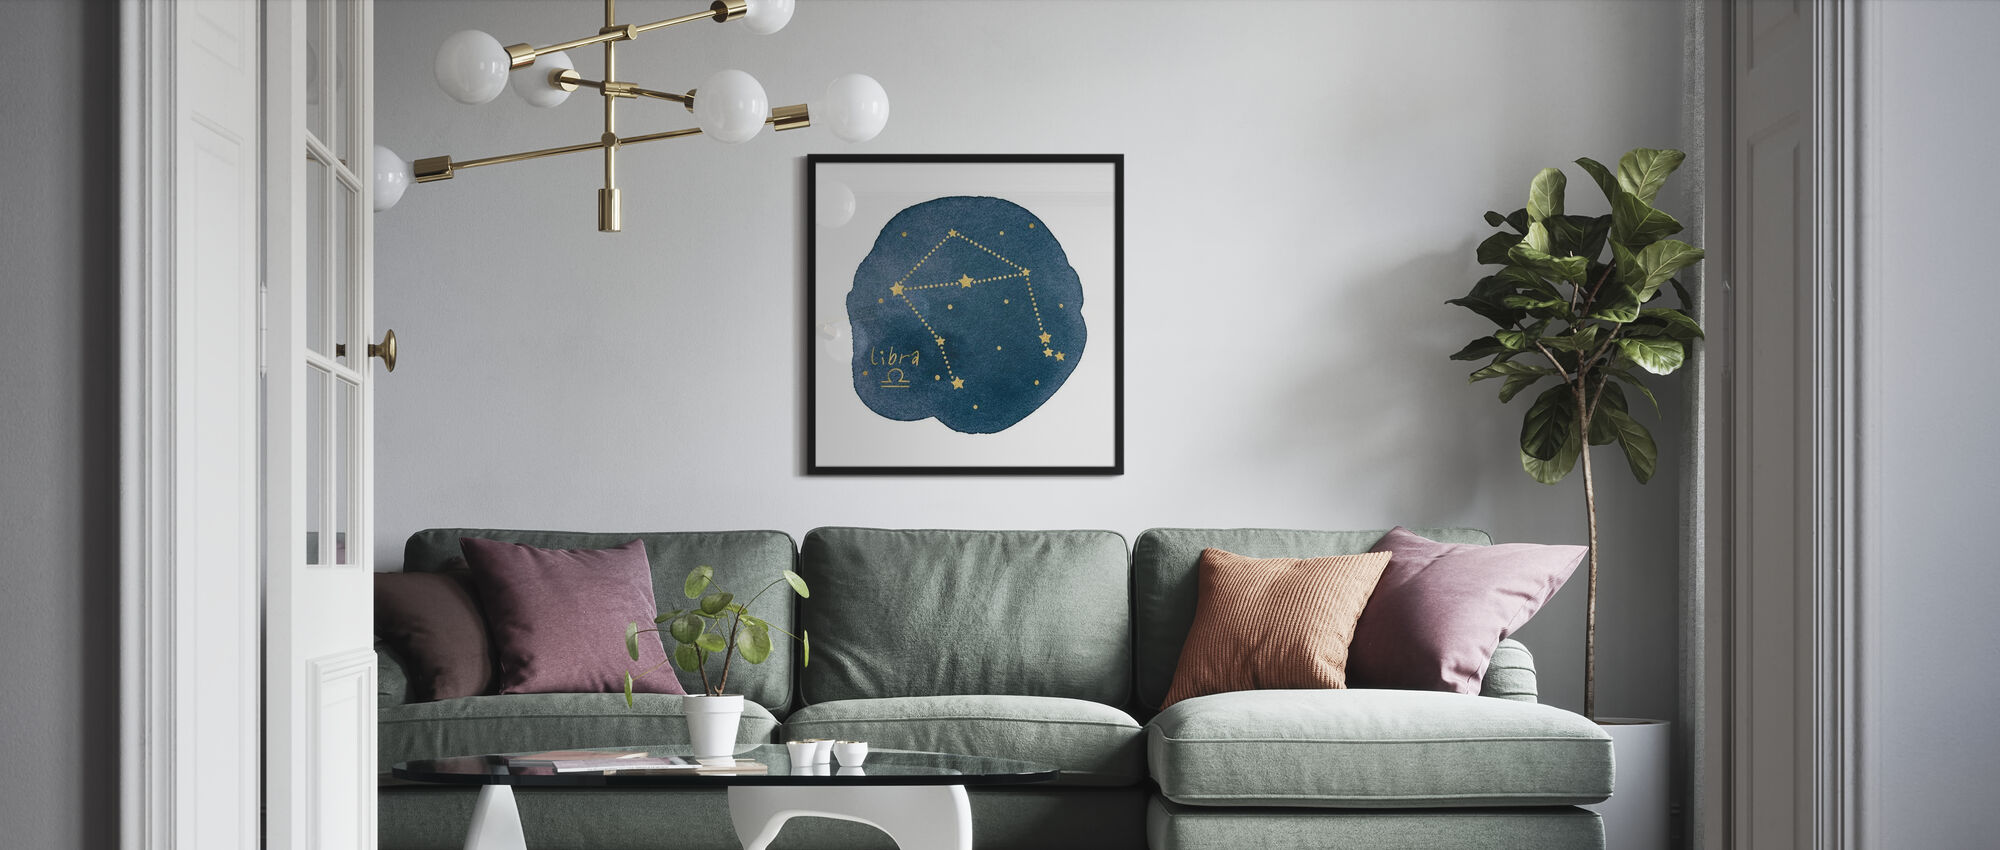 Horoscoop Weegschaal - Ingelijste print - Woonkamer